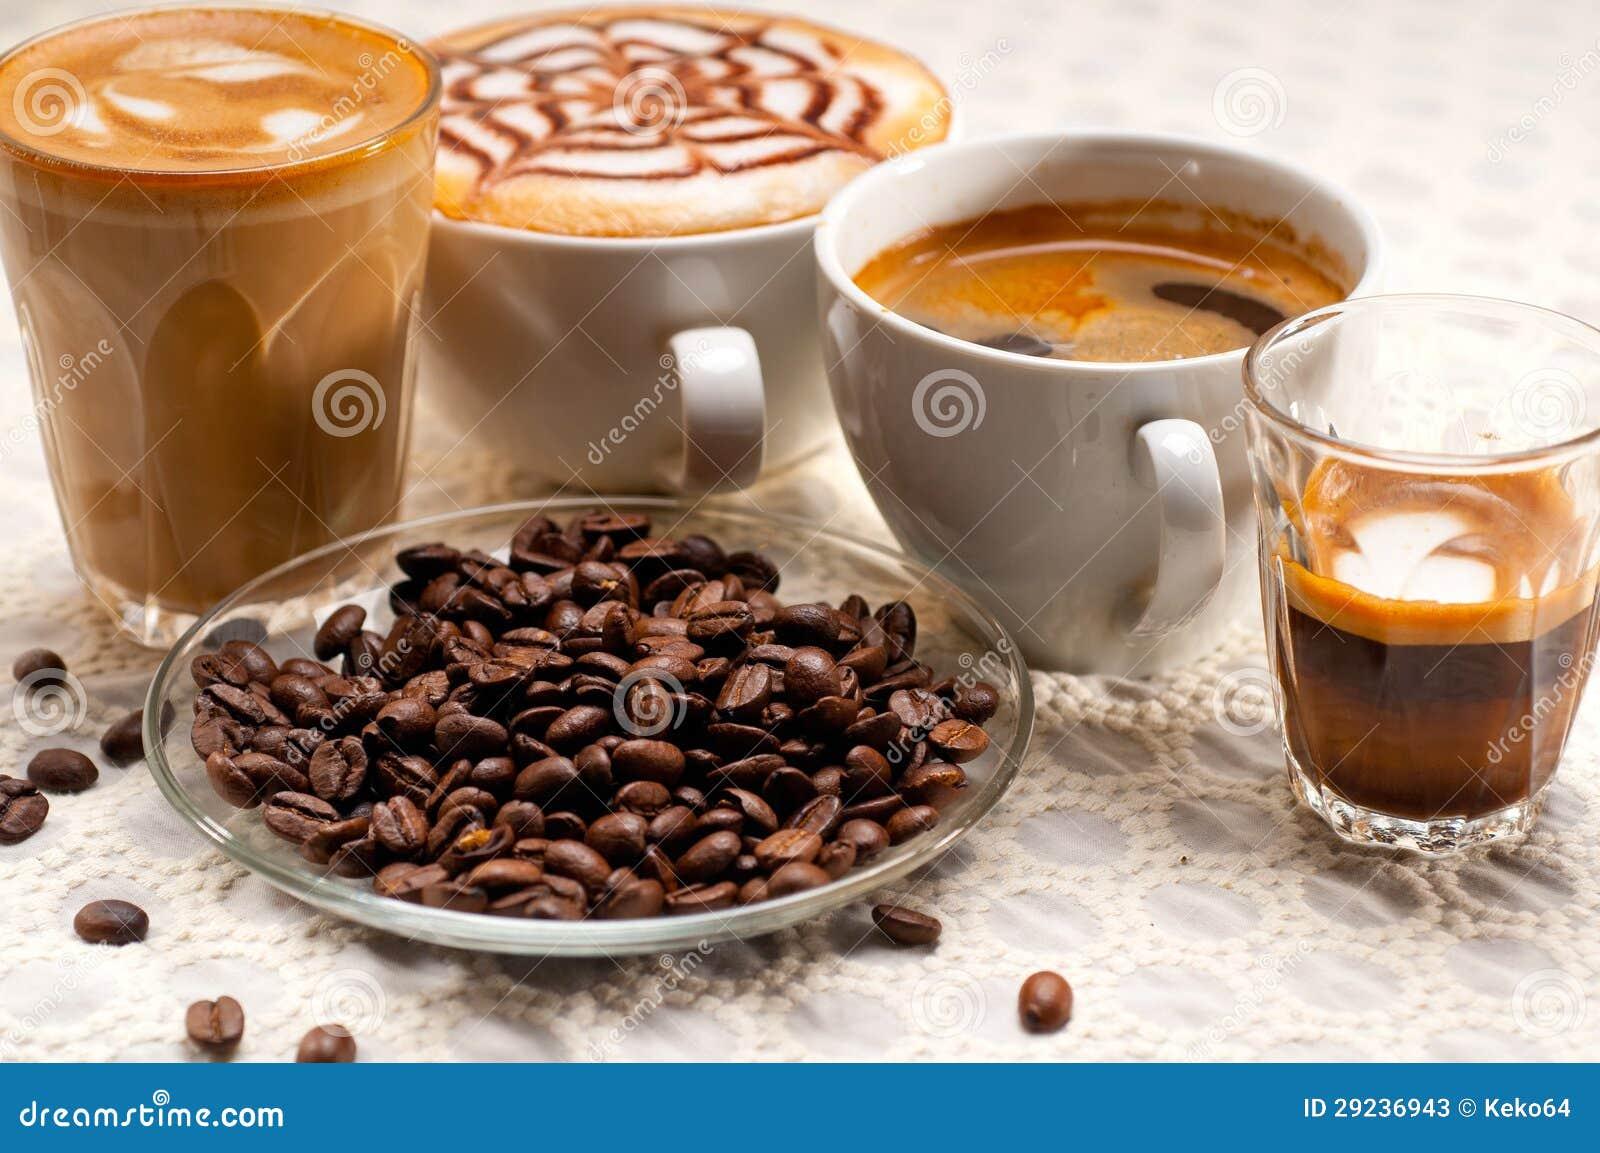 Selectie van verschillend koffietype